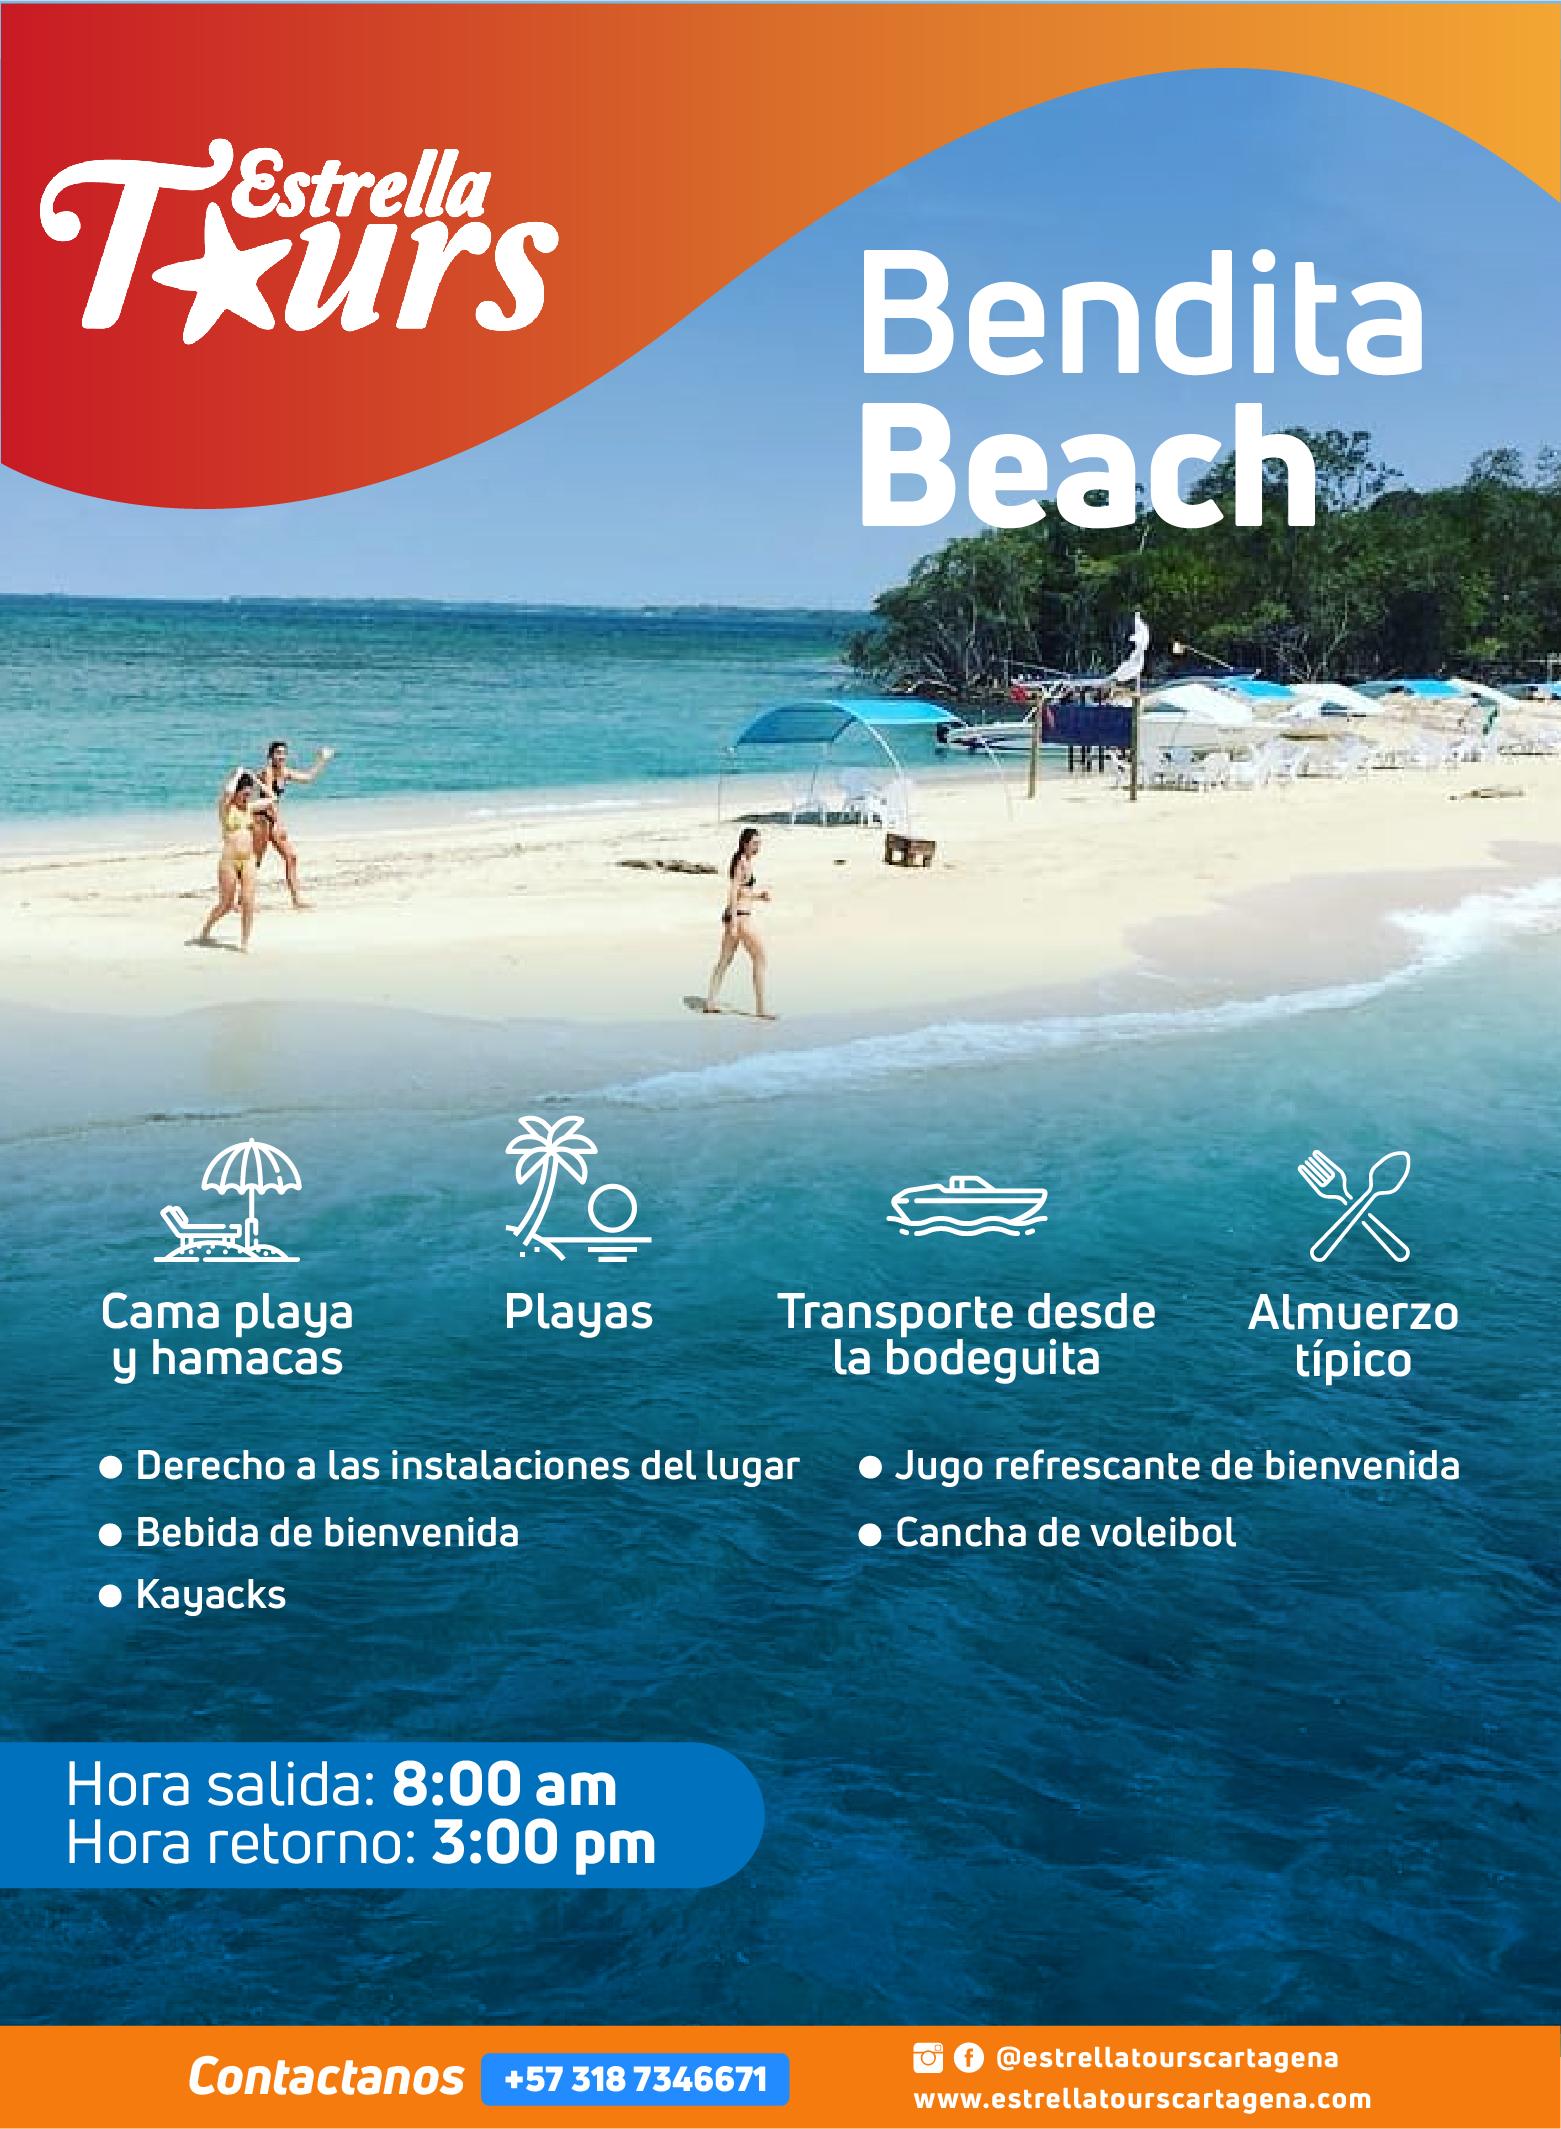 Pasadia_bendita beach